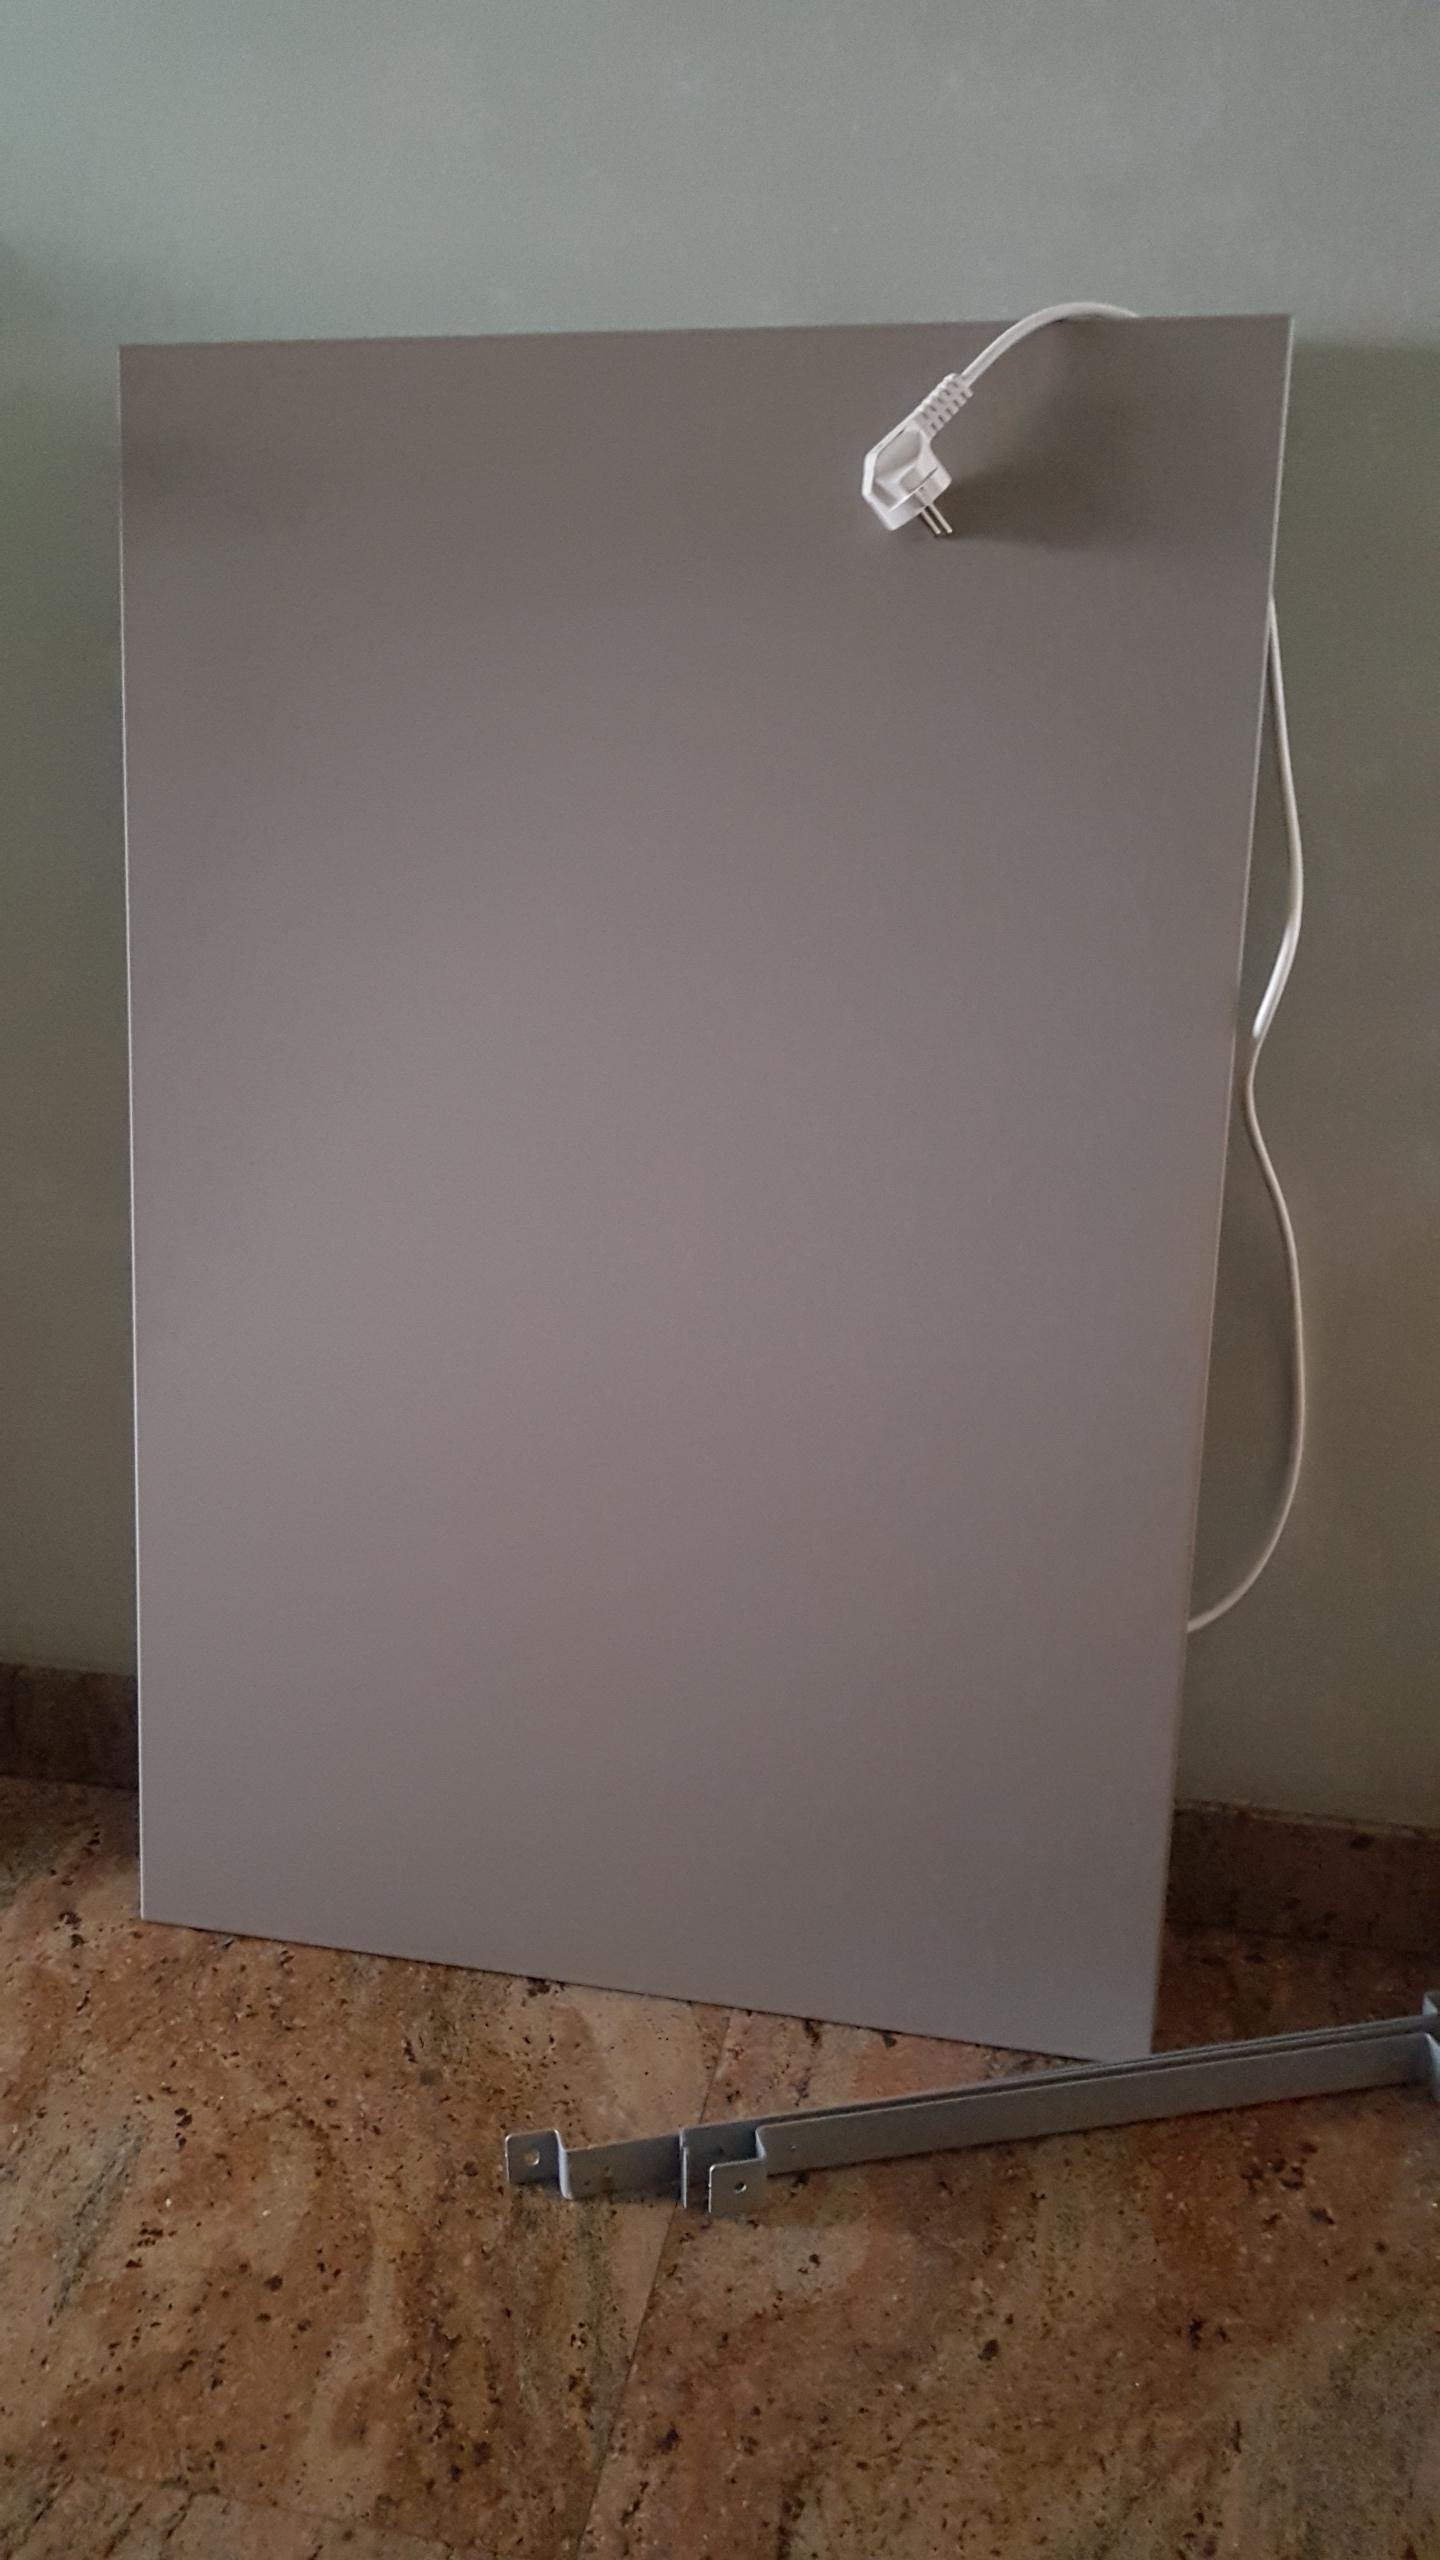 Pannelli radianti  in metallo resinato  finitura  al quarzo